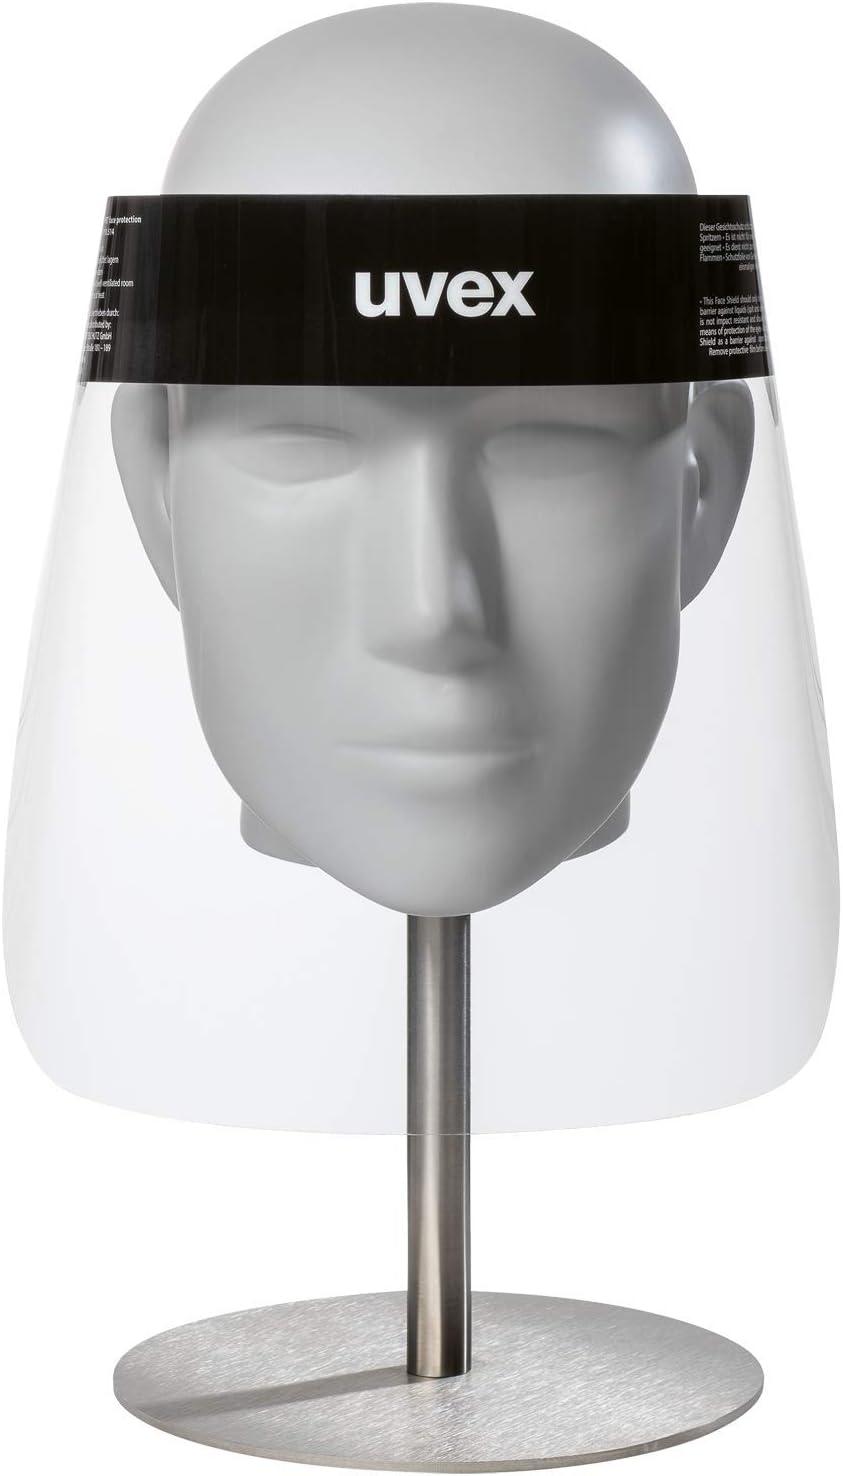 uvex 9710 Visera Protectora para la Cara - Mascara Protectora Facial - Desechable - Transparente - para Hombres y Mujeres